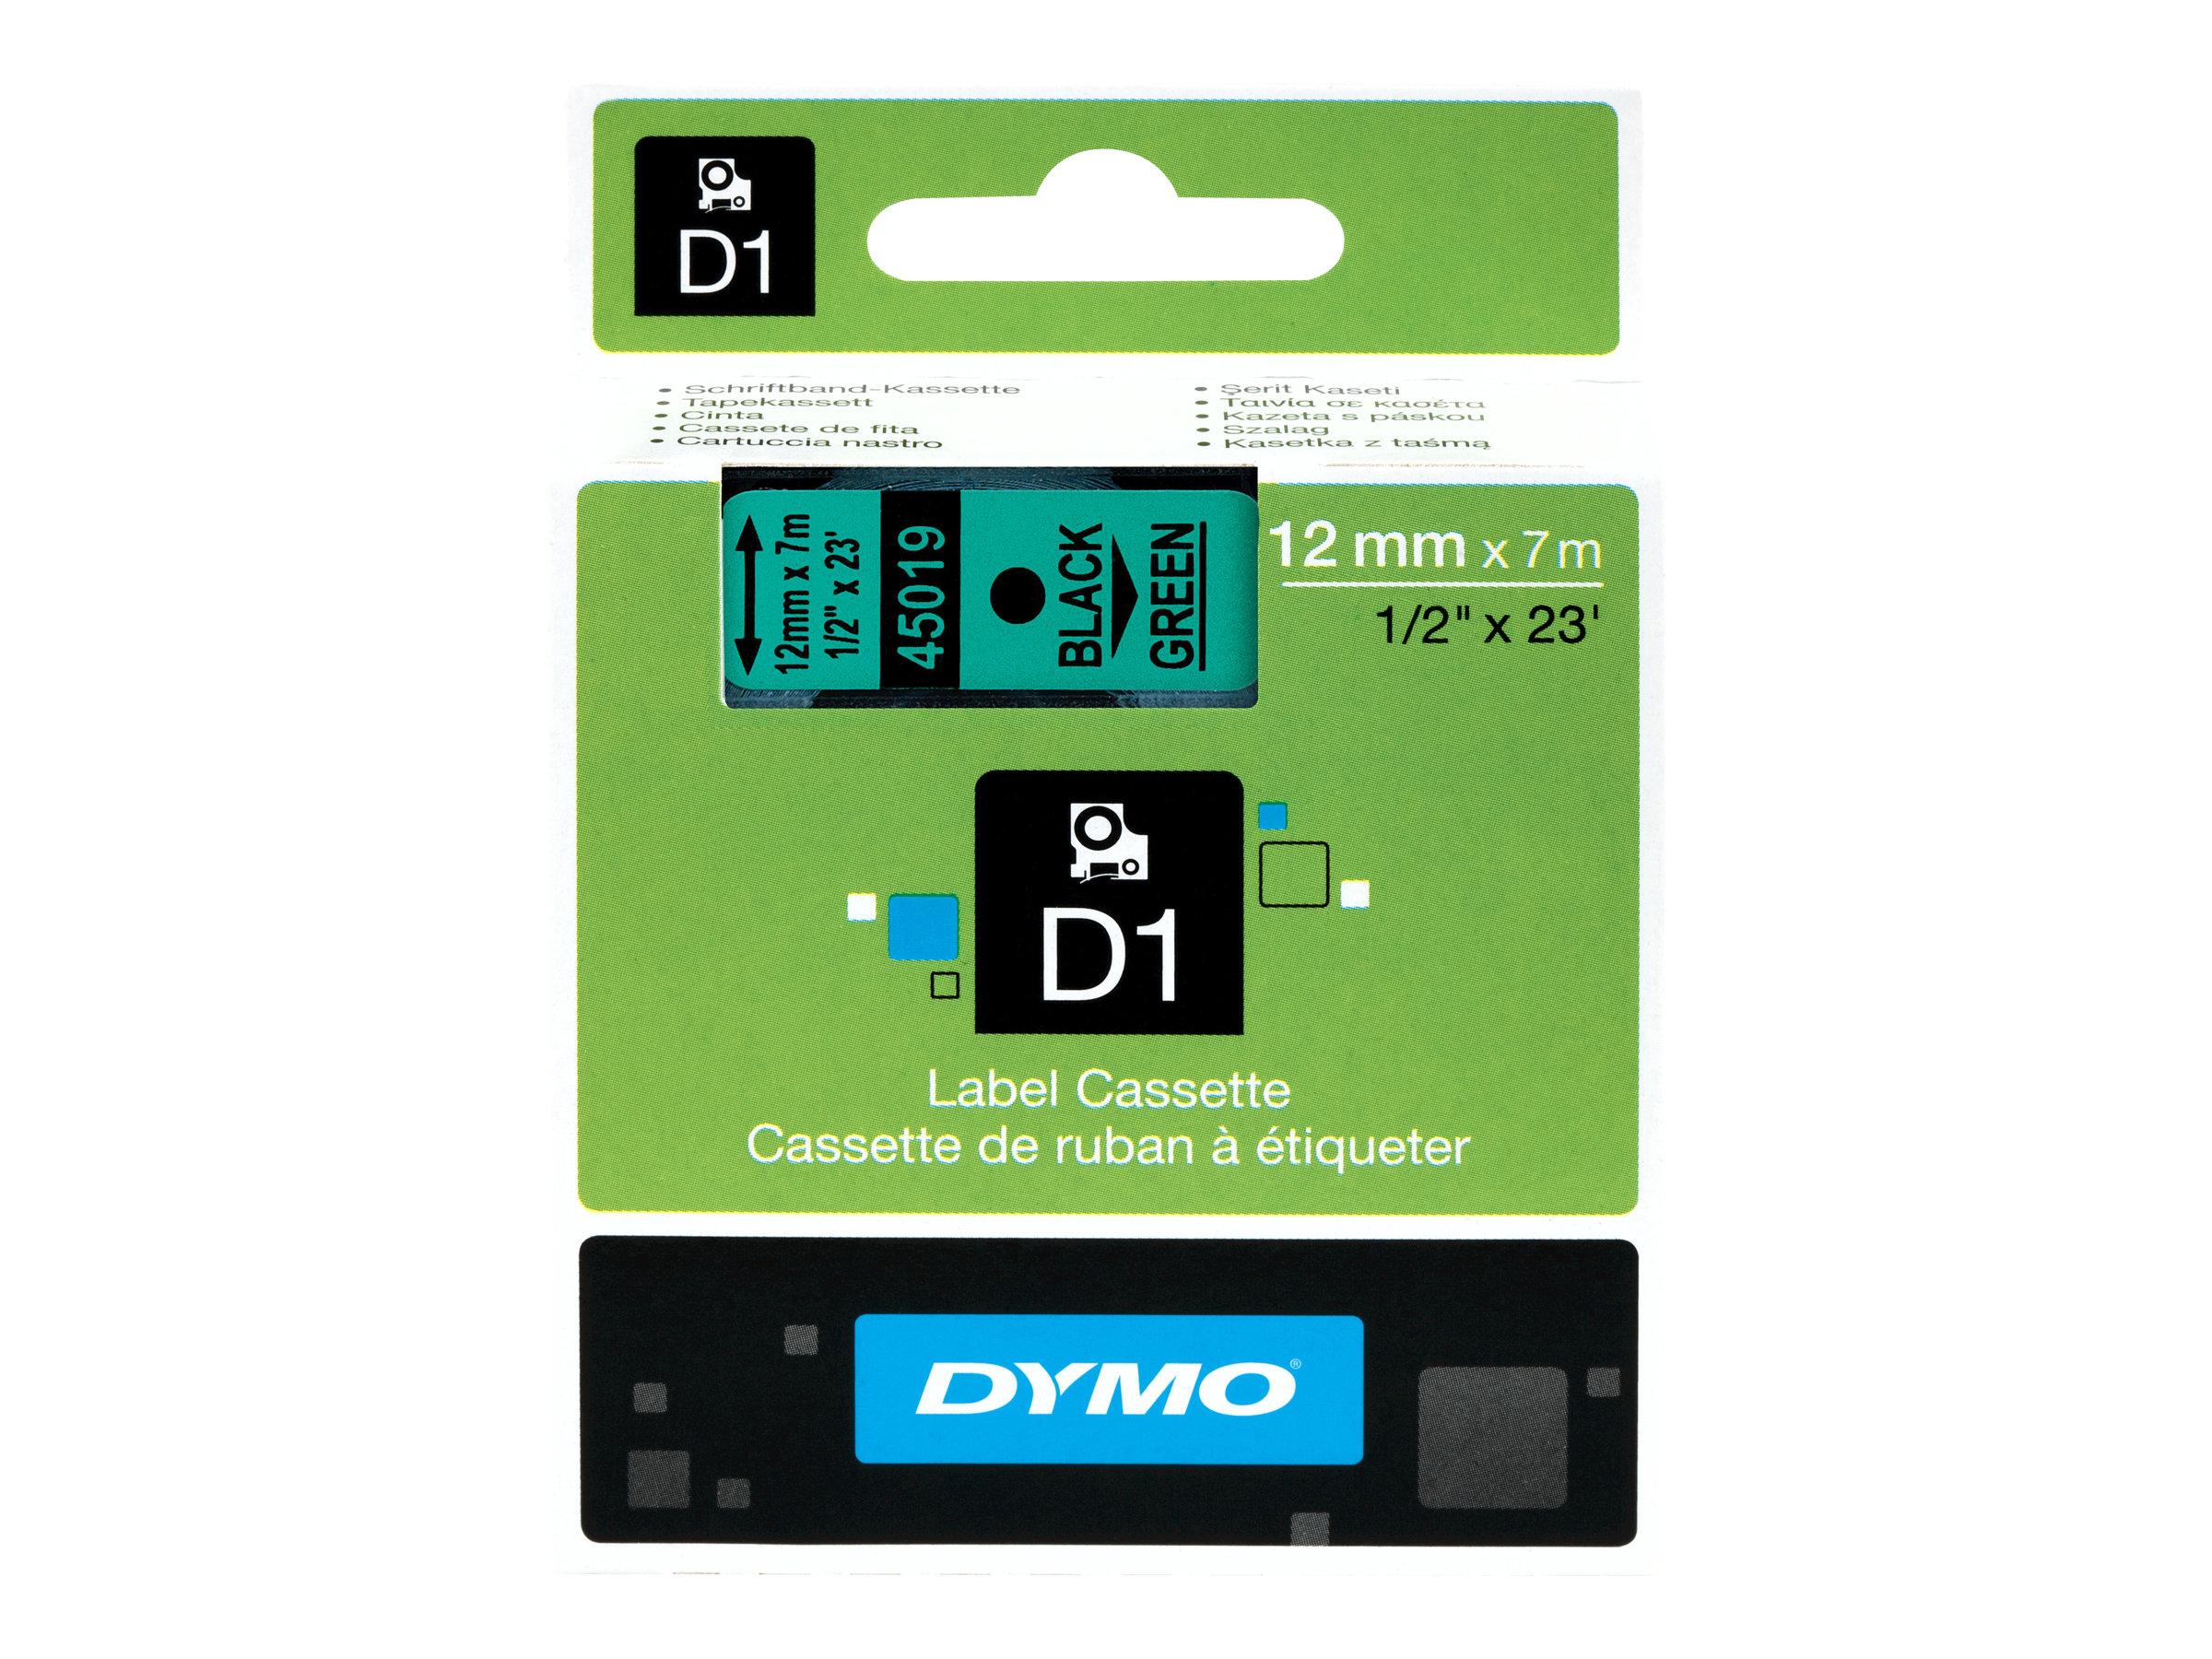 Dymo d1 selbstklebend schwarz auf gruen rolle 1 2 cm x 7 m 1 rolle n etikettenband fuer labelmanager 100 160 210 220 260 280 300 360 420 wireless pnp labelpoint 250 313571 s0720590